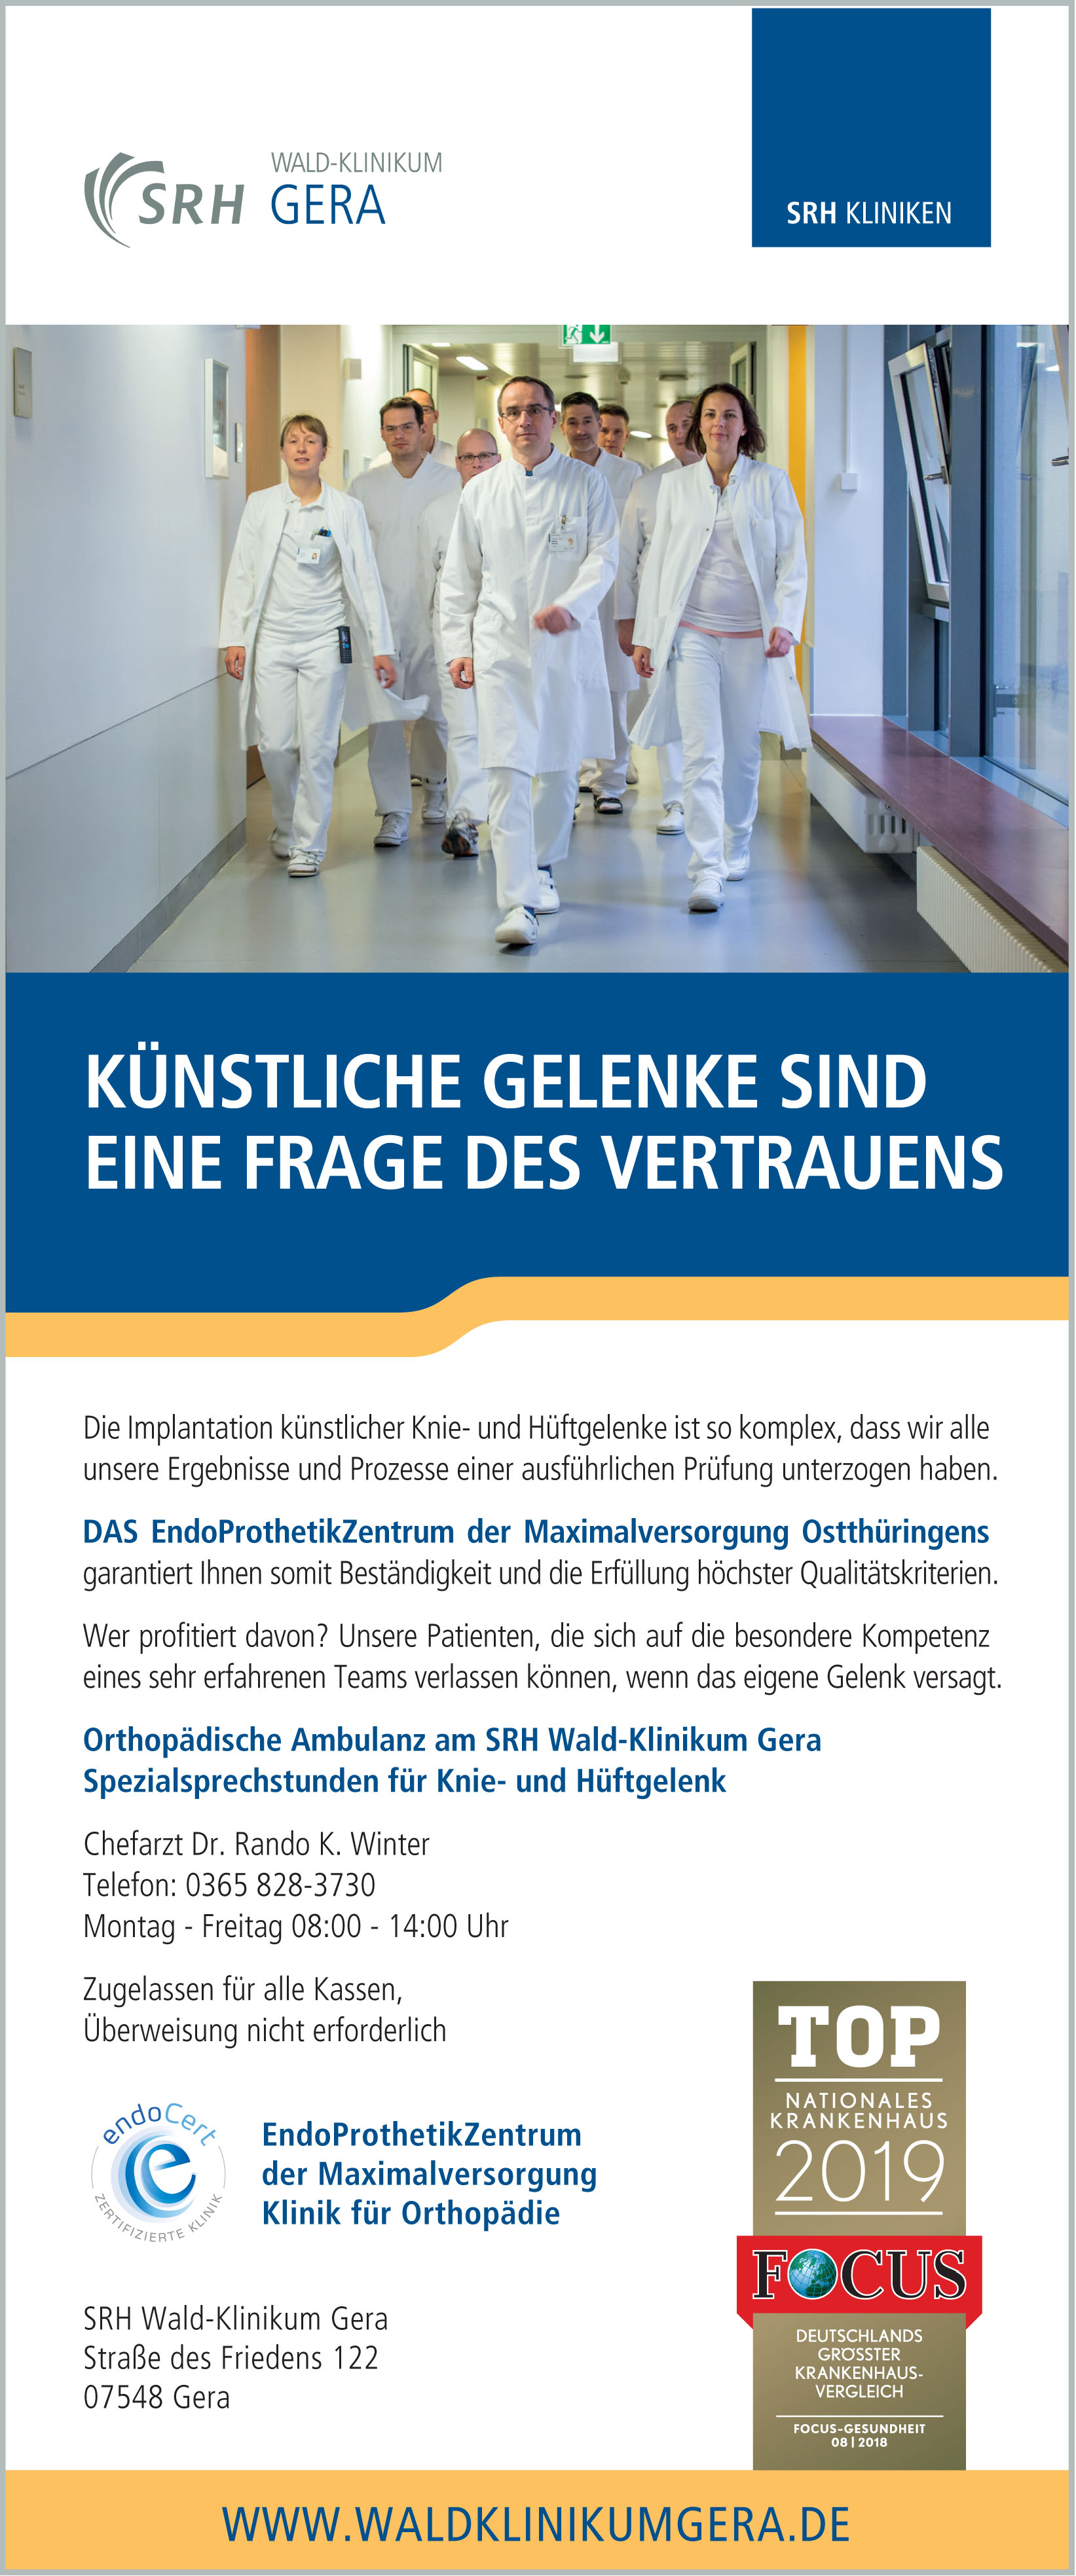 SRH Wald-Klinikum Gera